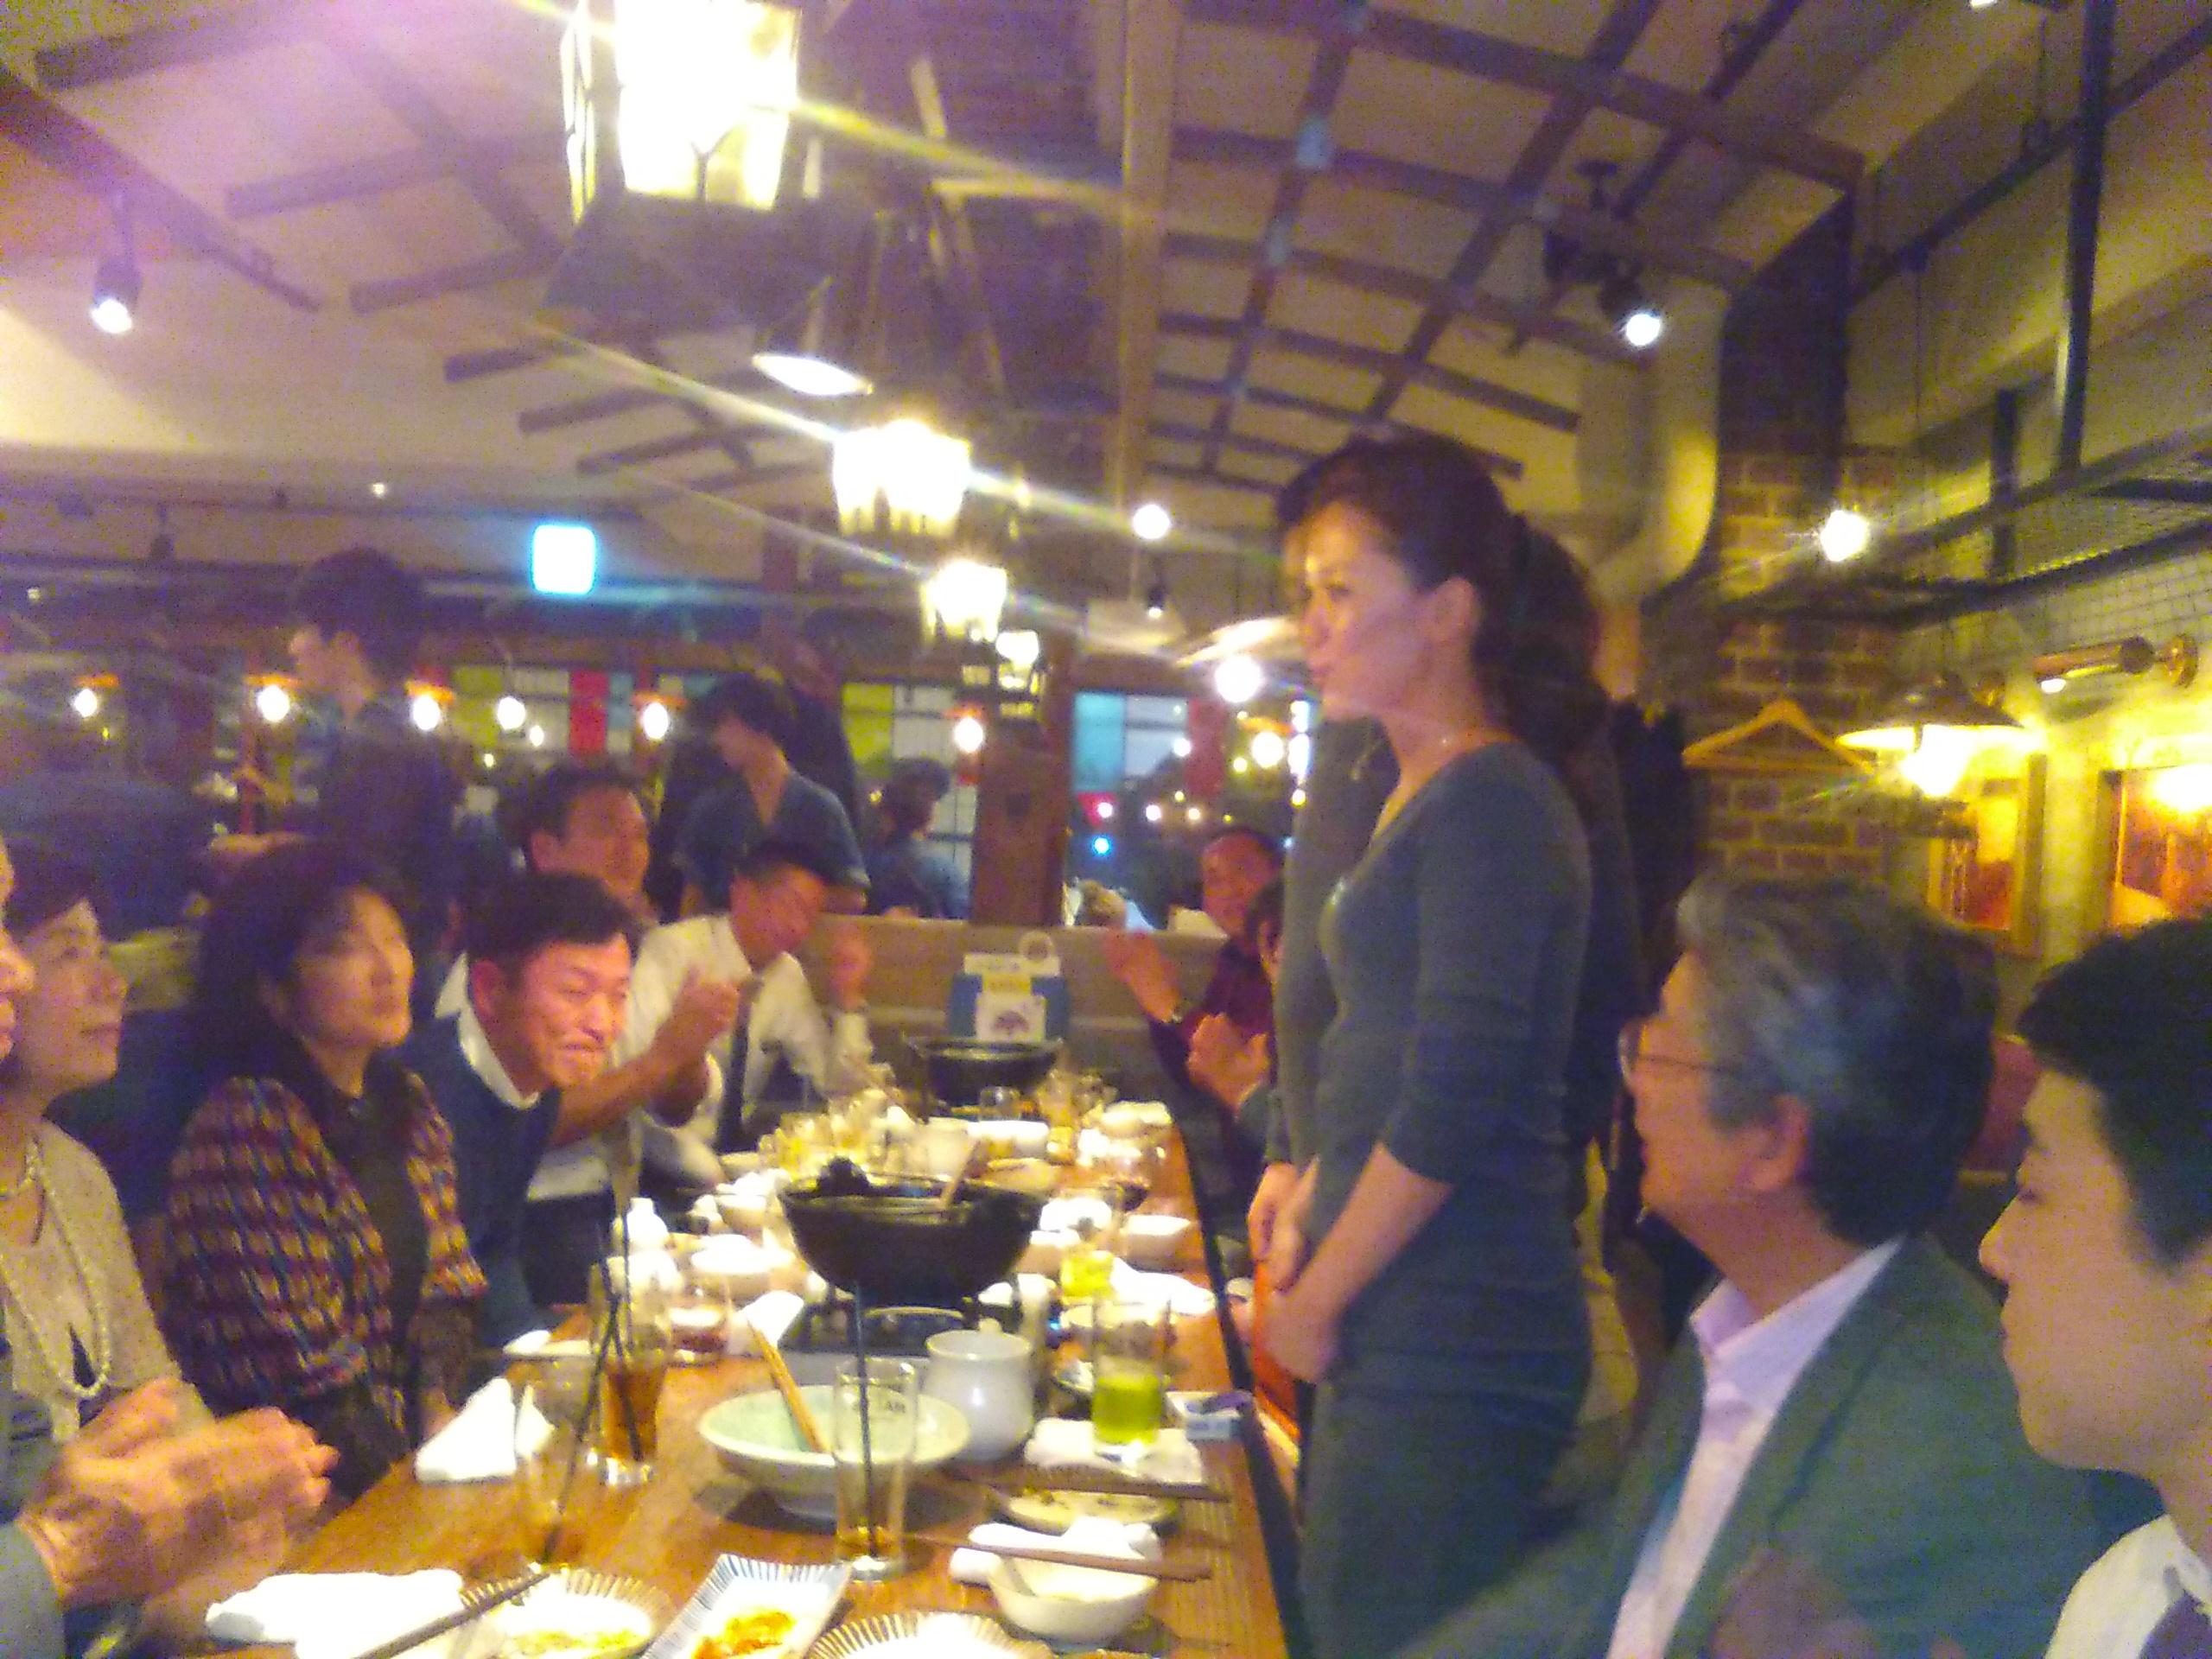 KIMG0235 - 4月1日東京思風塾の開催になります。